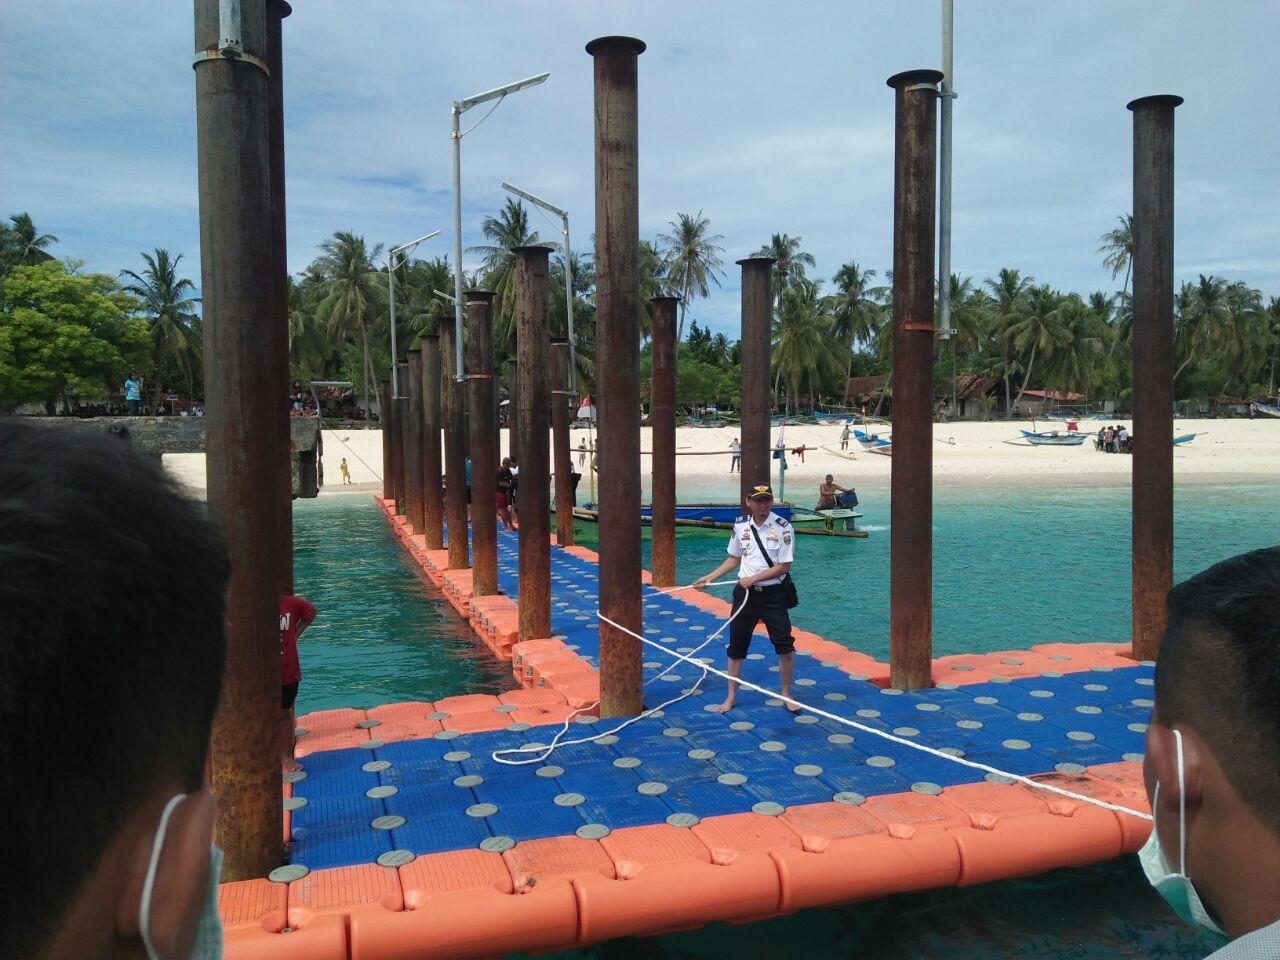 Liburan Pergantian Tahun, Datang Saja ke Pulau Pisang Pesisir Barat